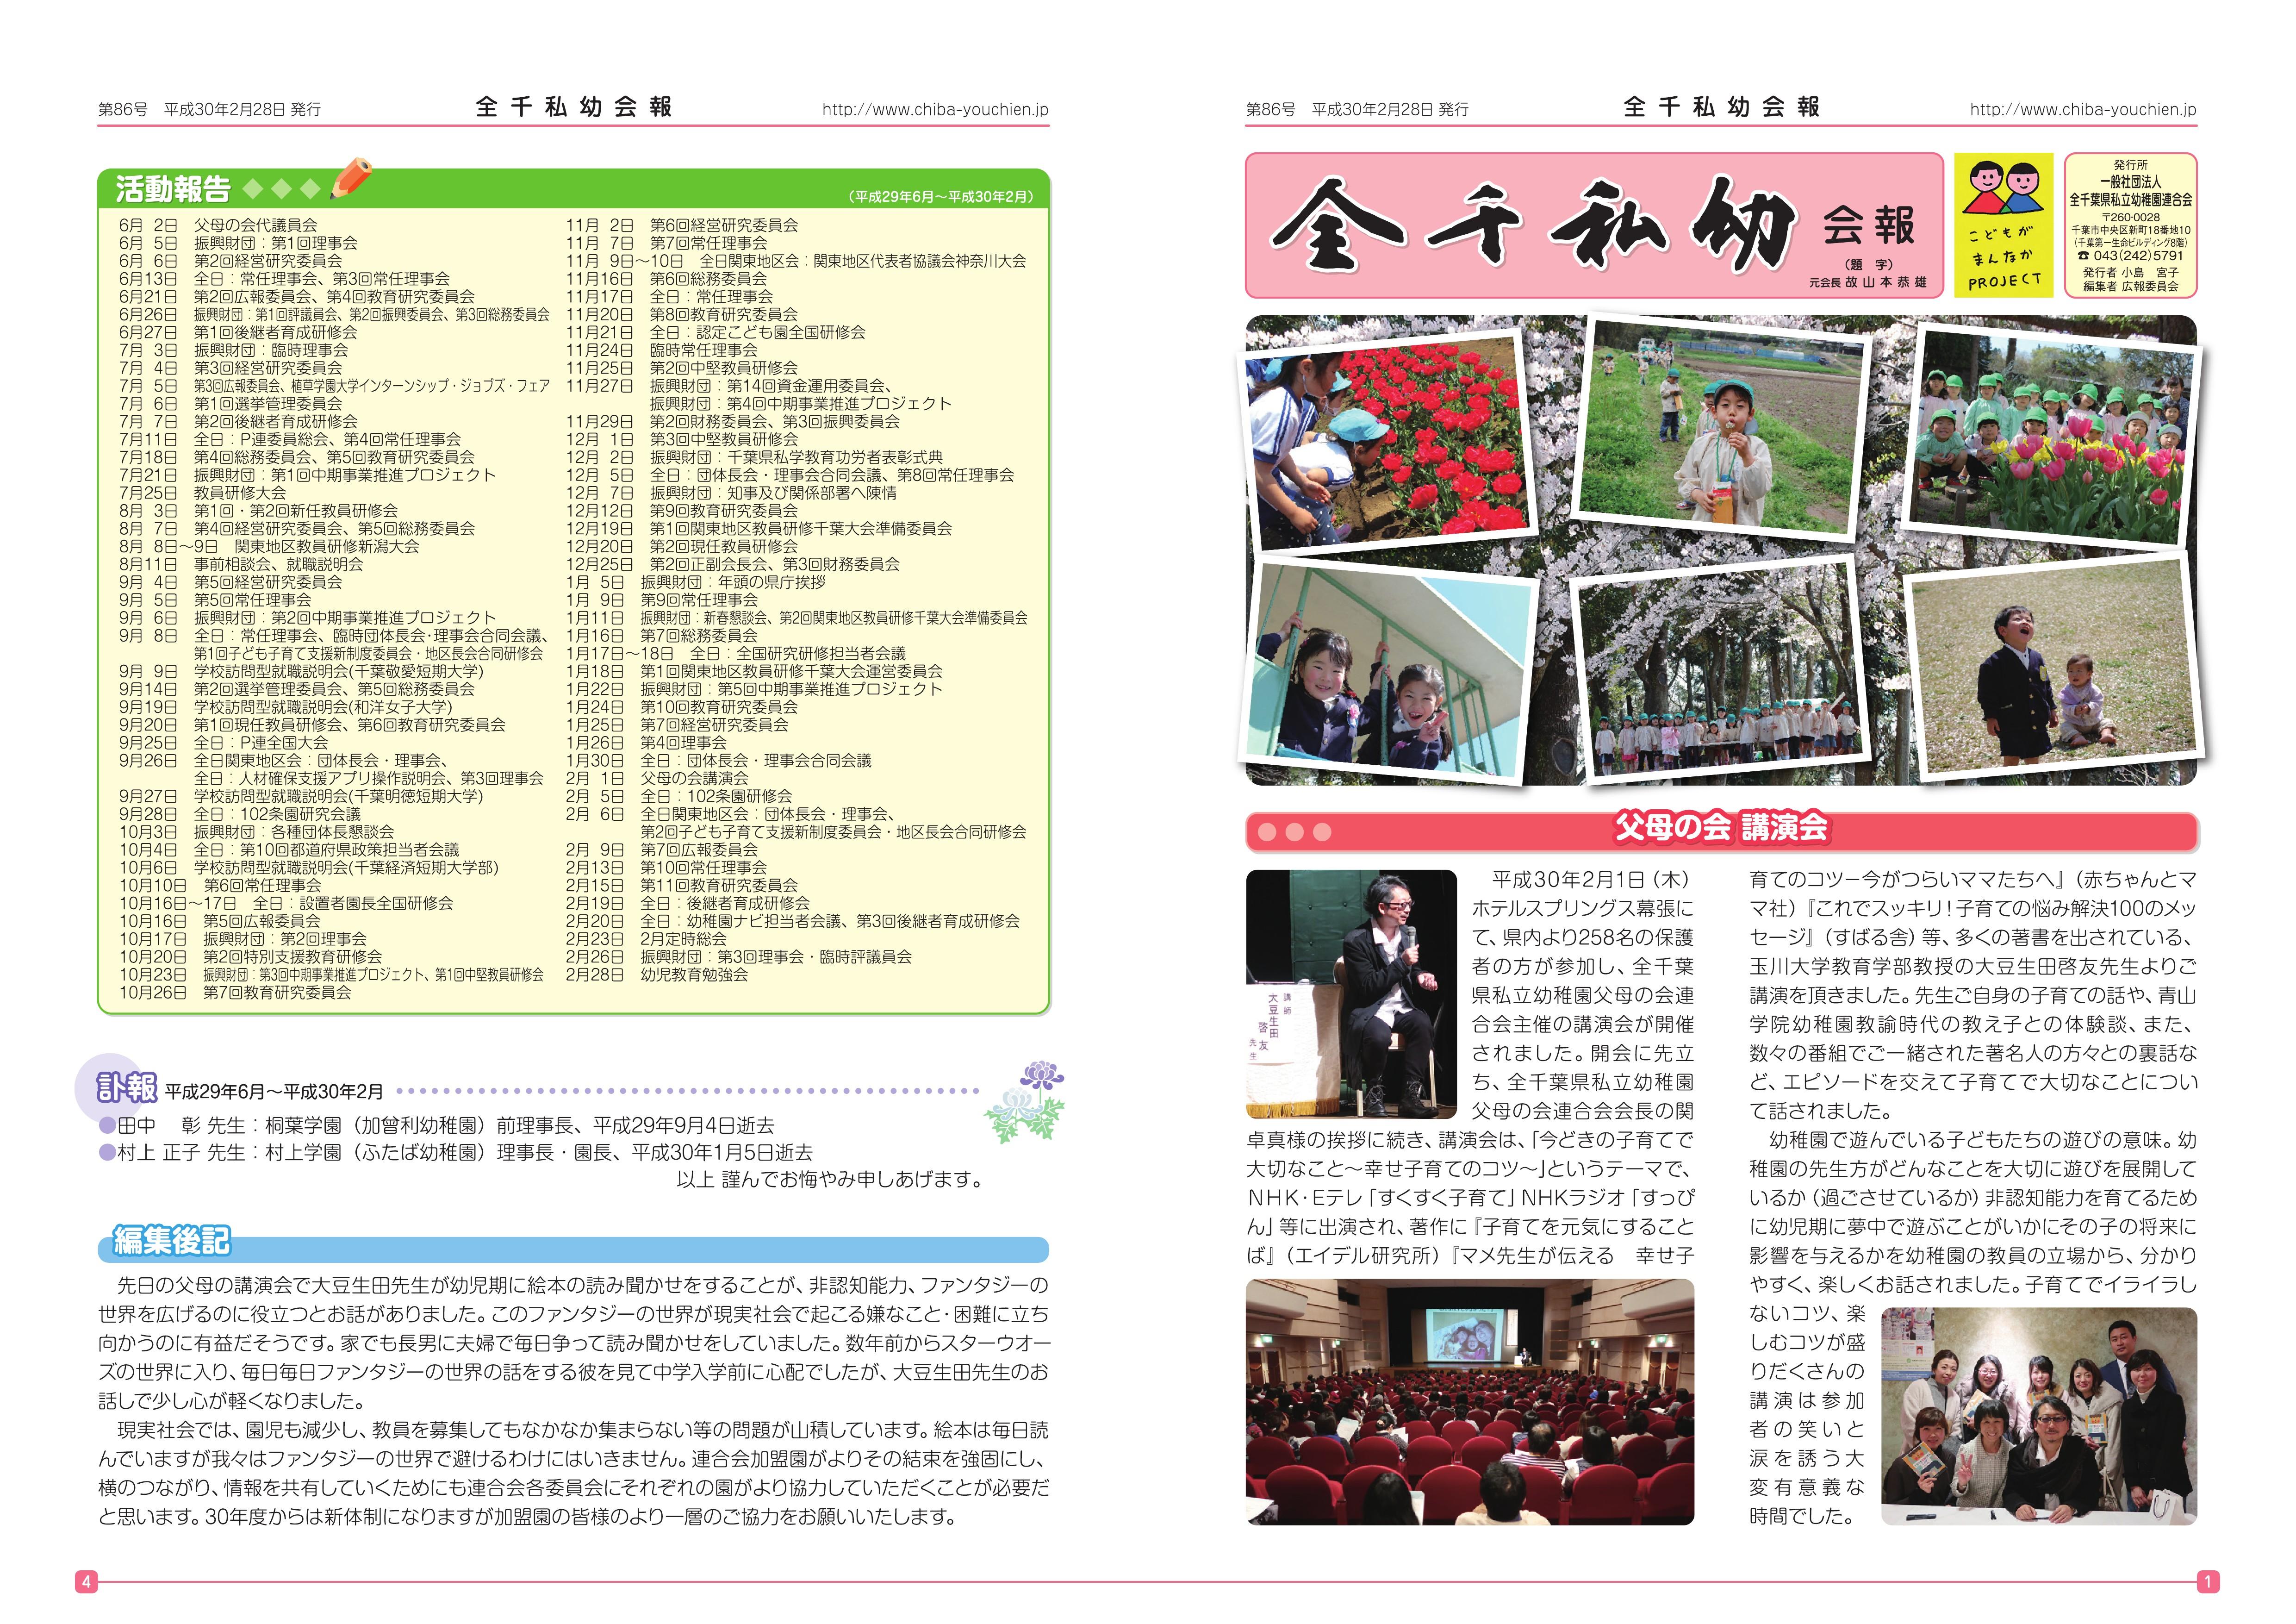 http://www.chiba-youchien.jp/news/86%E5%8F%B7P1%E8%A1%A8%E7%B4%99_P4%E8%A3%8F%E8%A1%A8%E7%B4%99_0307-2.jpg